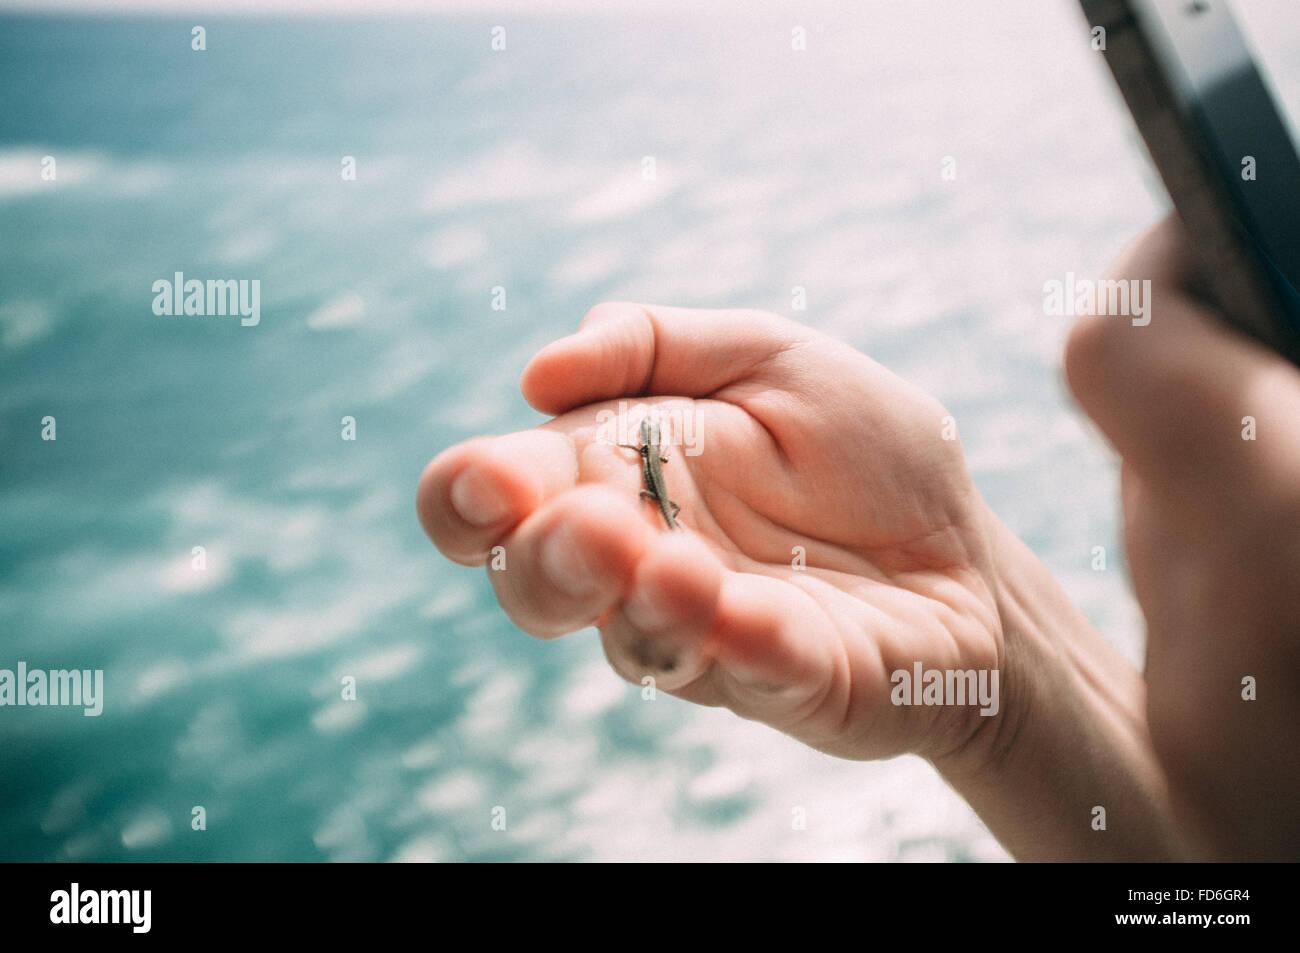 Gli insetti sulla mano umana Immagini Stock